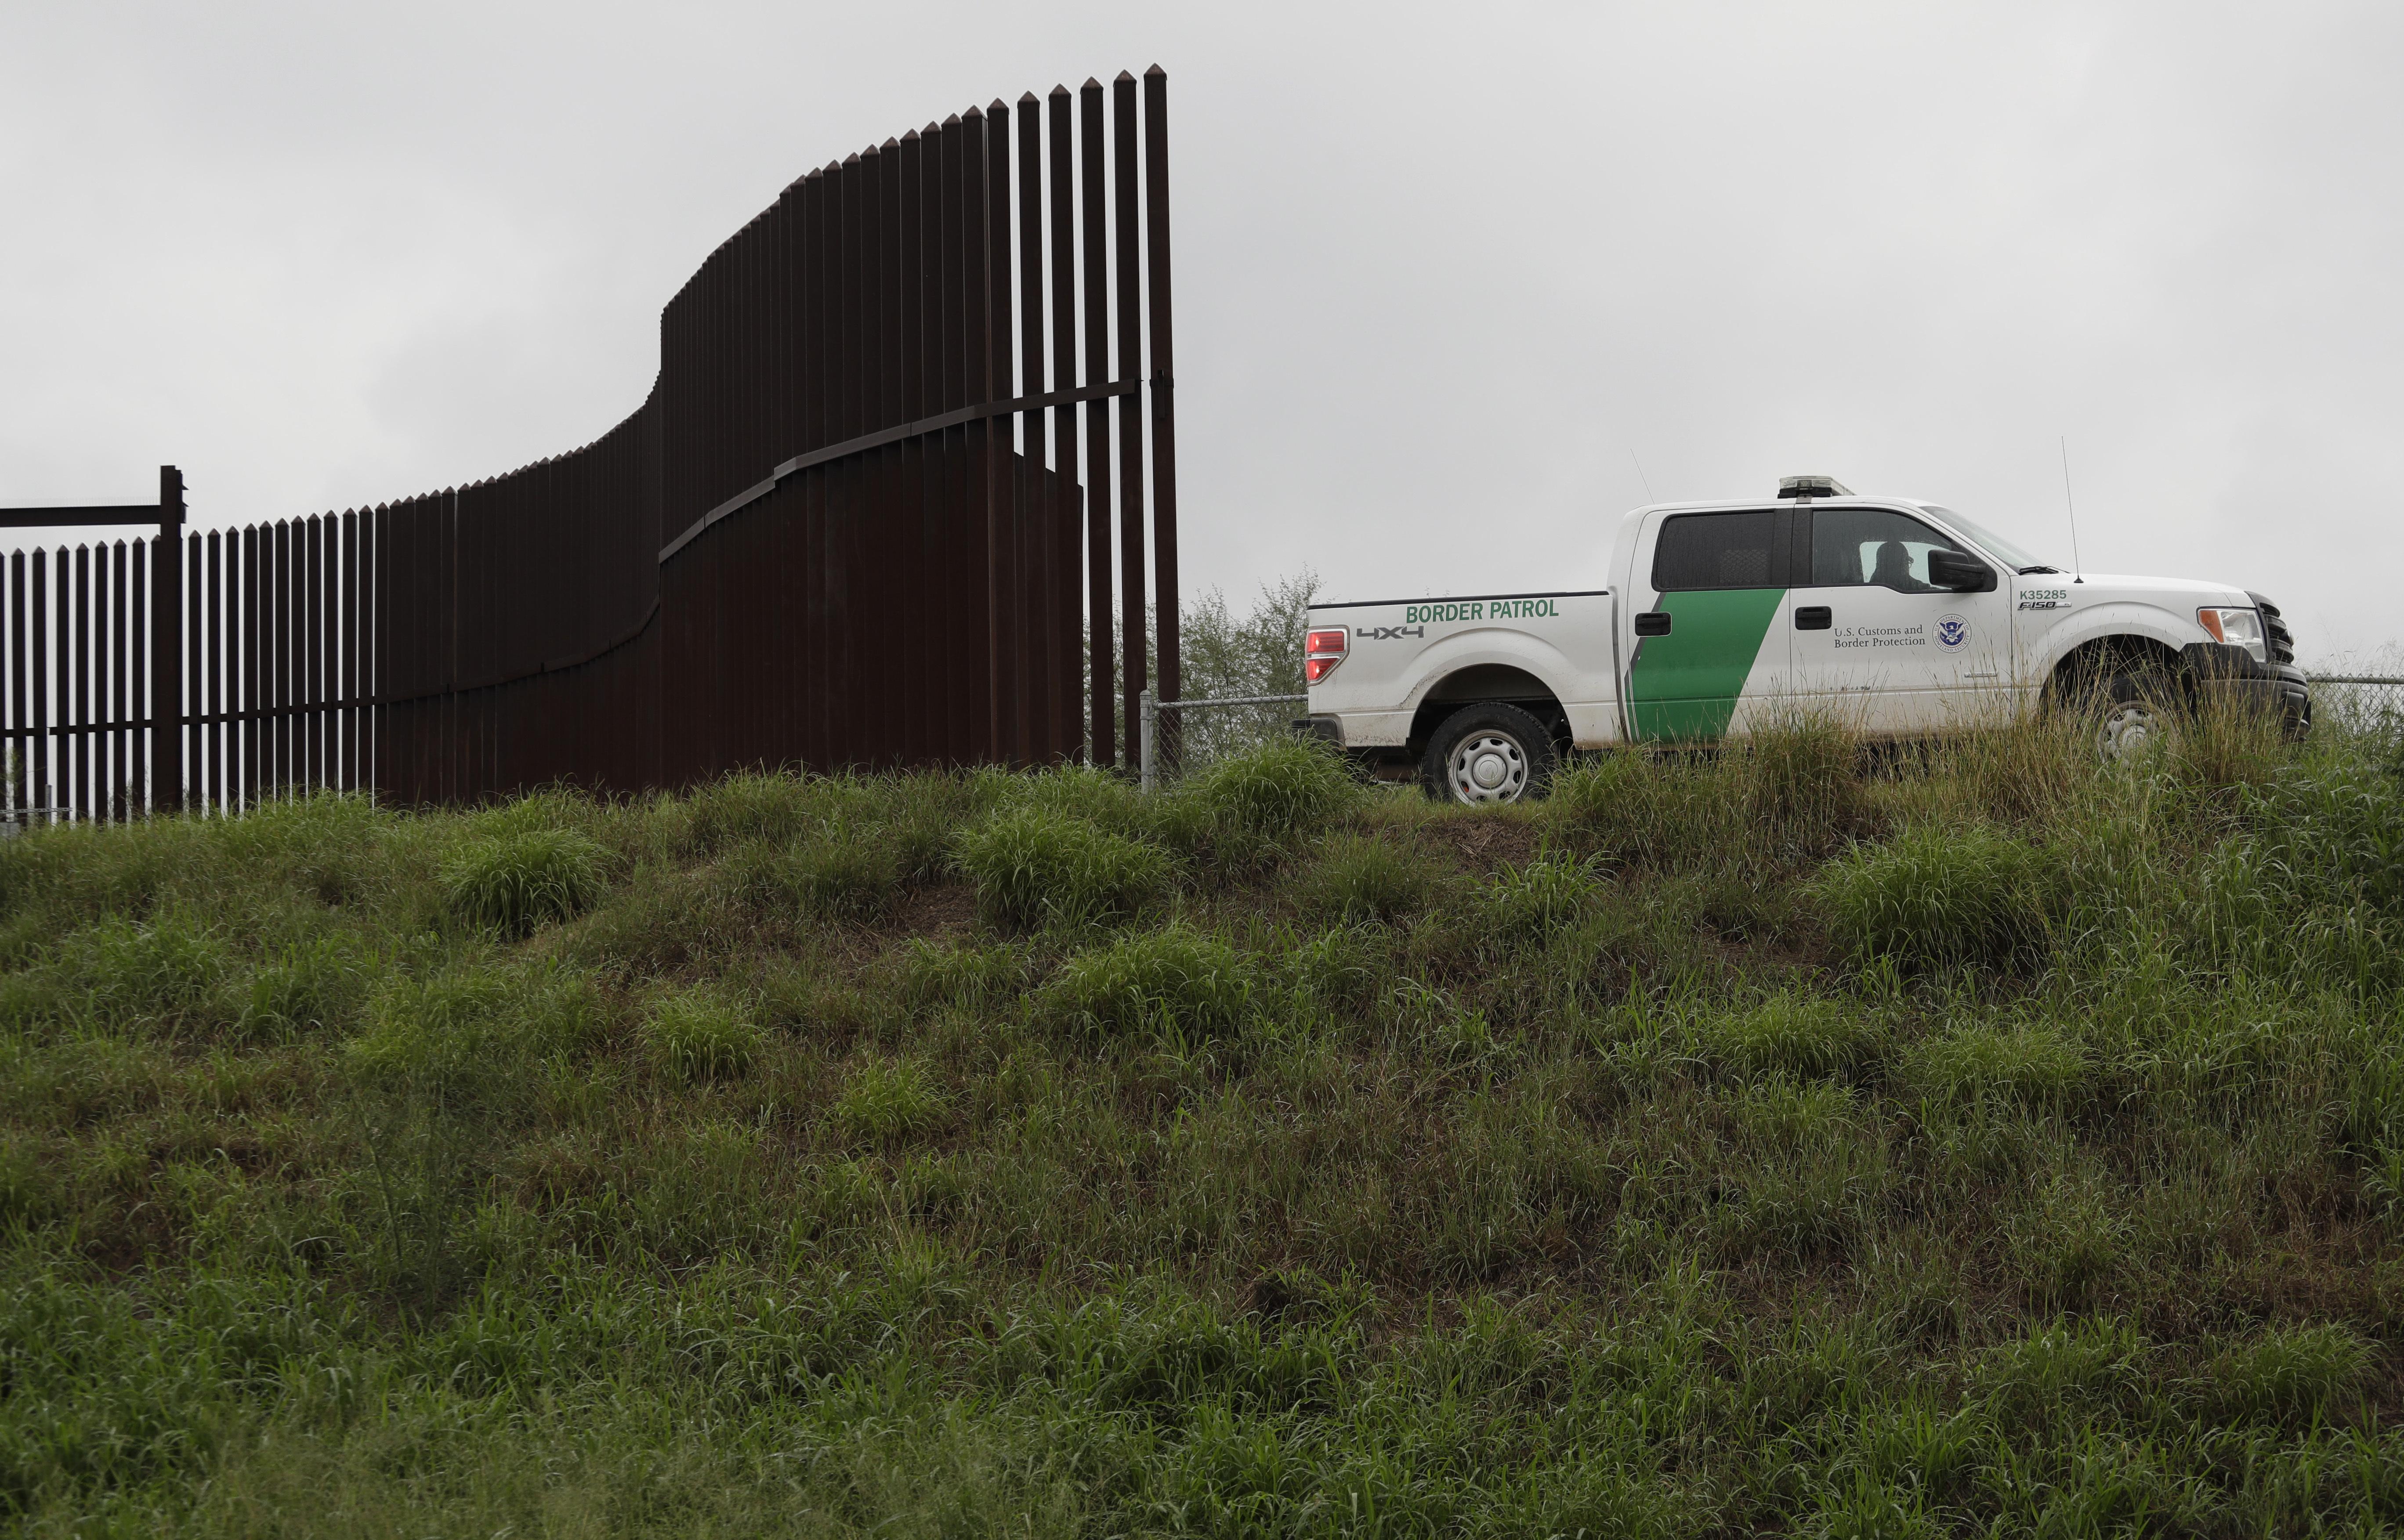 在美墨邊境築牆,是川普競選的諾言之一。(美聯社)